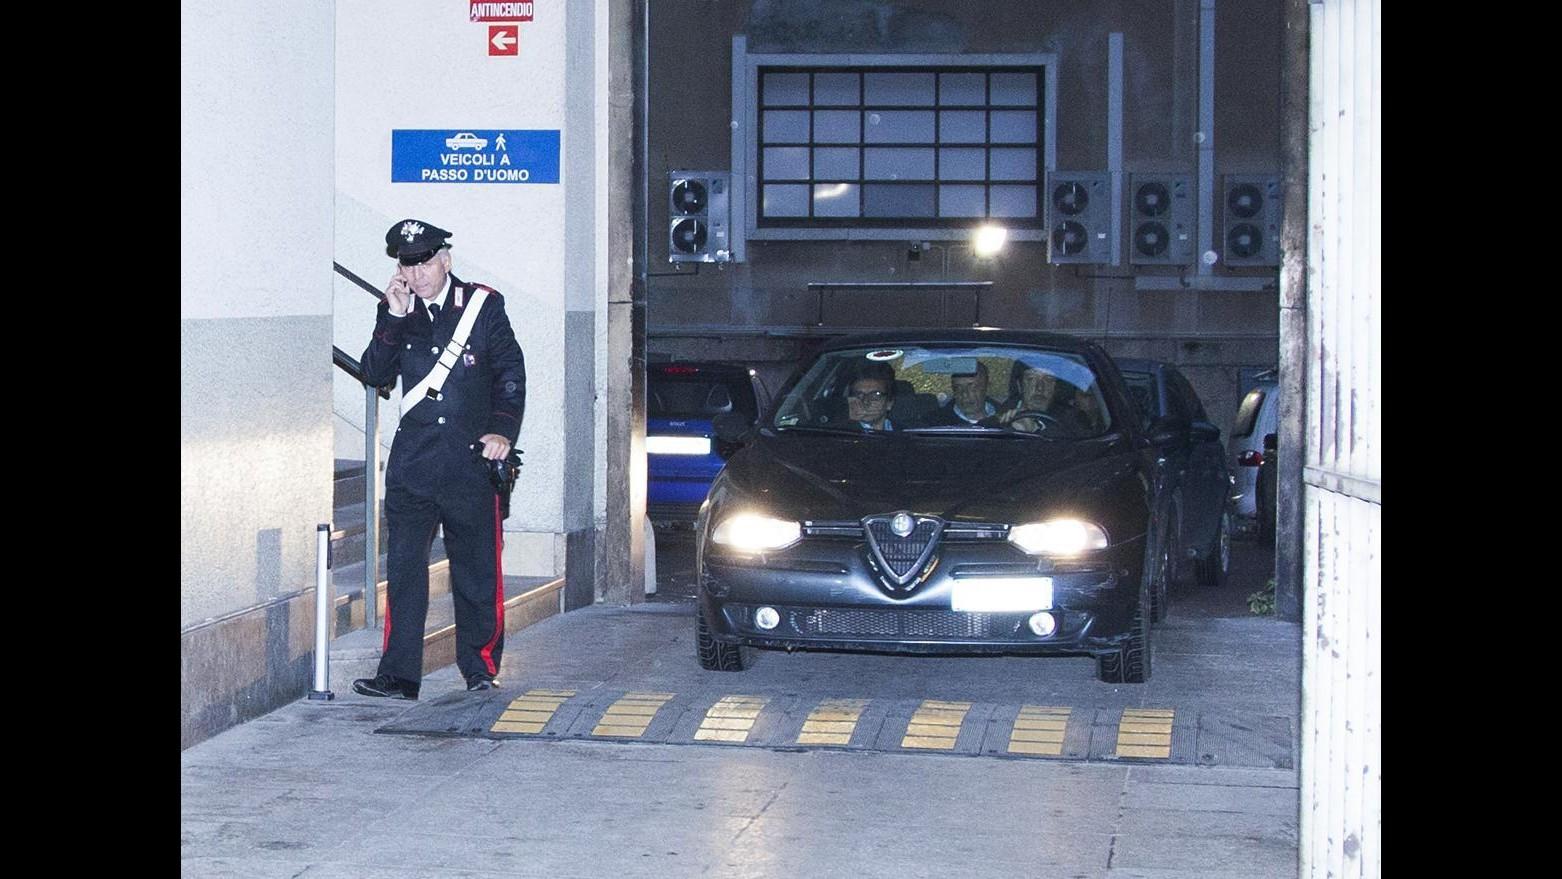 Confermati domiciliari per Sallusti, processo per evasione 6 dicembre